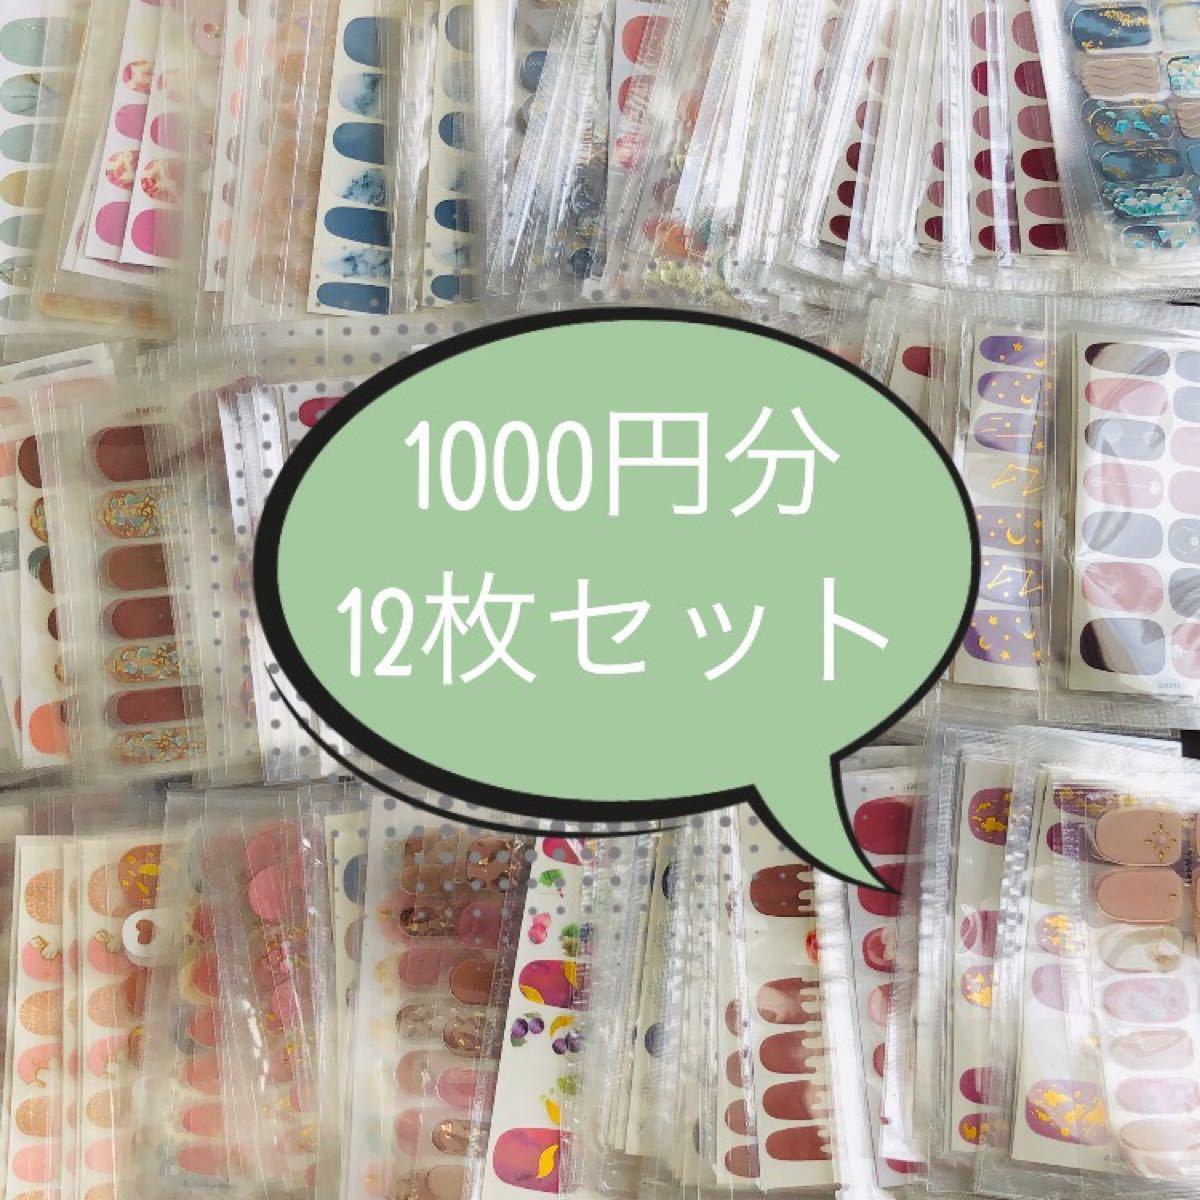 ネイルシール ハンド フット 1000円分 12枚セット ランダム